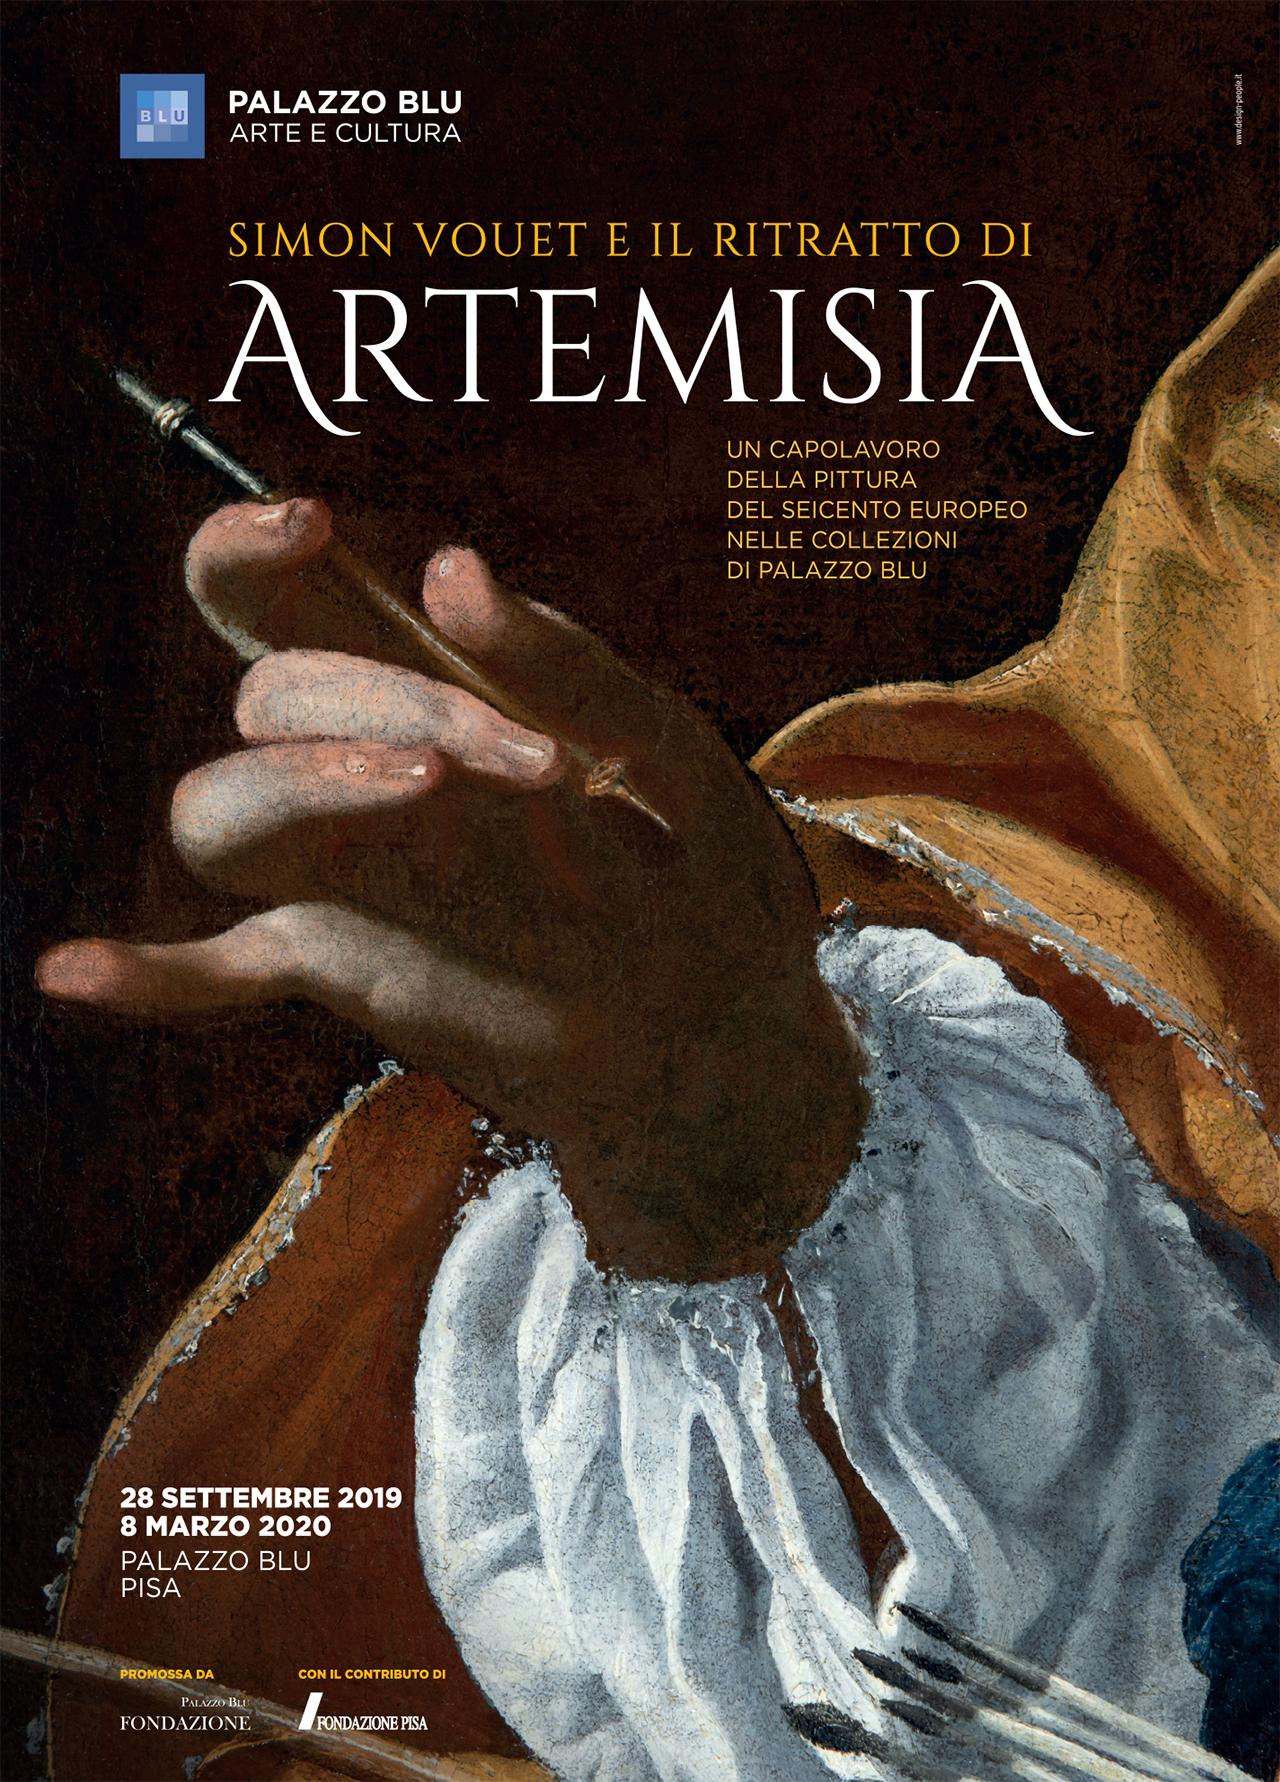 Simon Vouet E Il Ritratto Di Artemisia Palazzo Blu